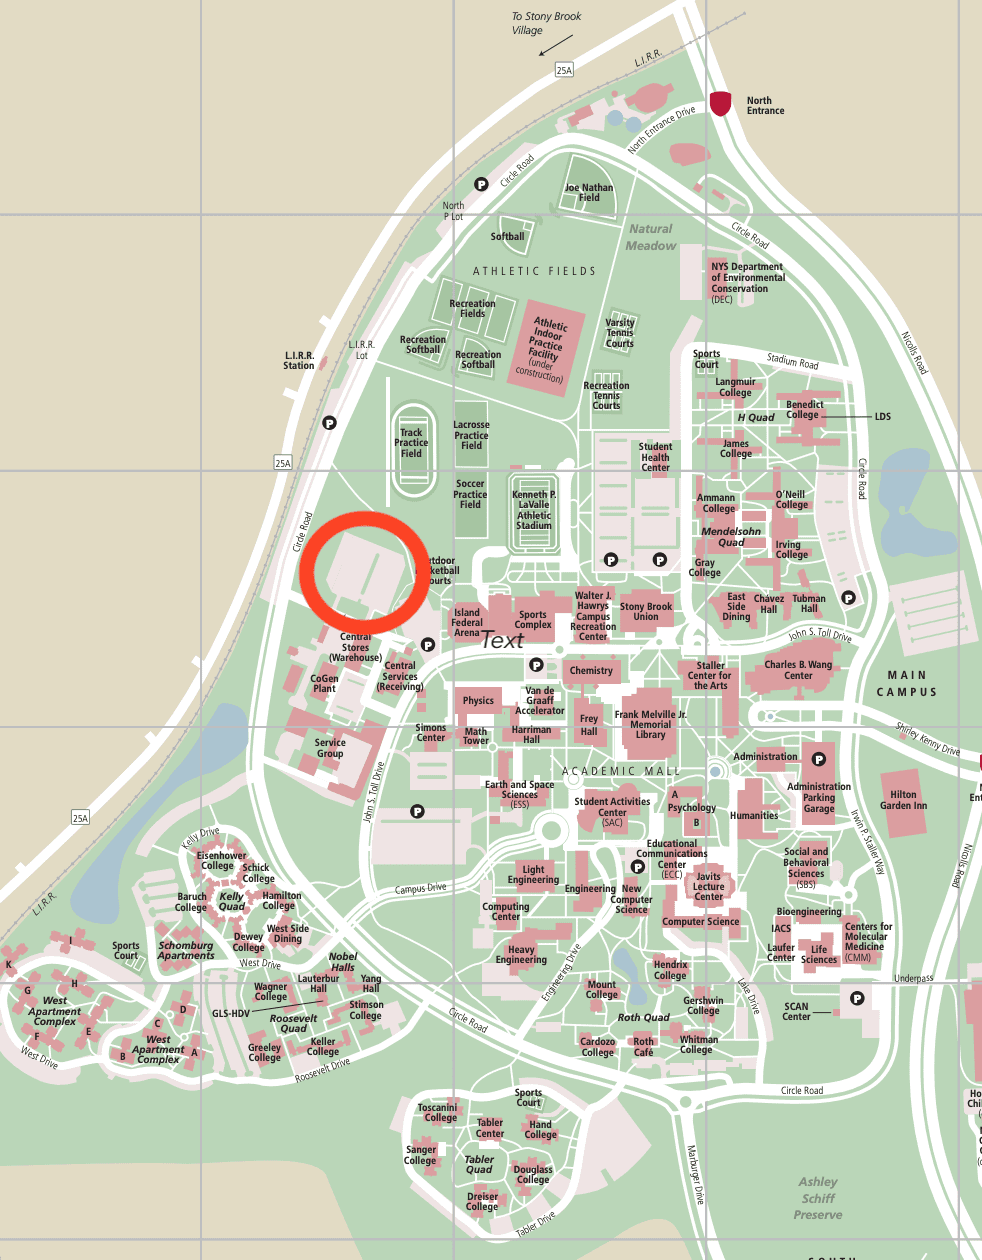 campus map stony brook Gym Road Map Pc Stony Brook University The Statesman campus map stony brook